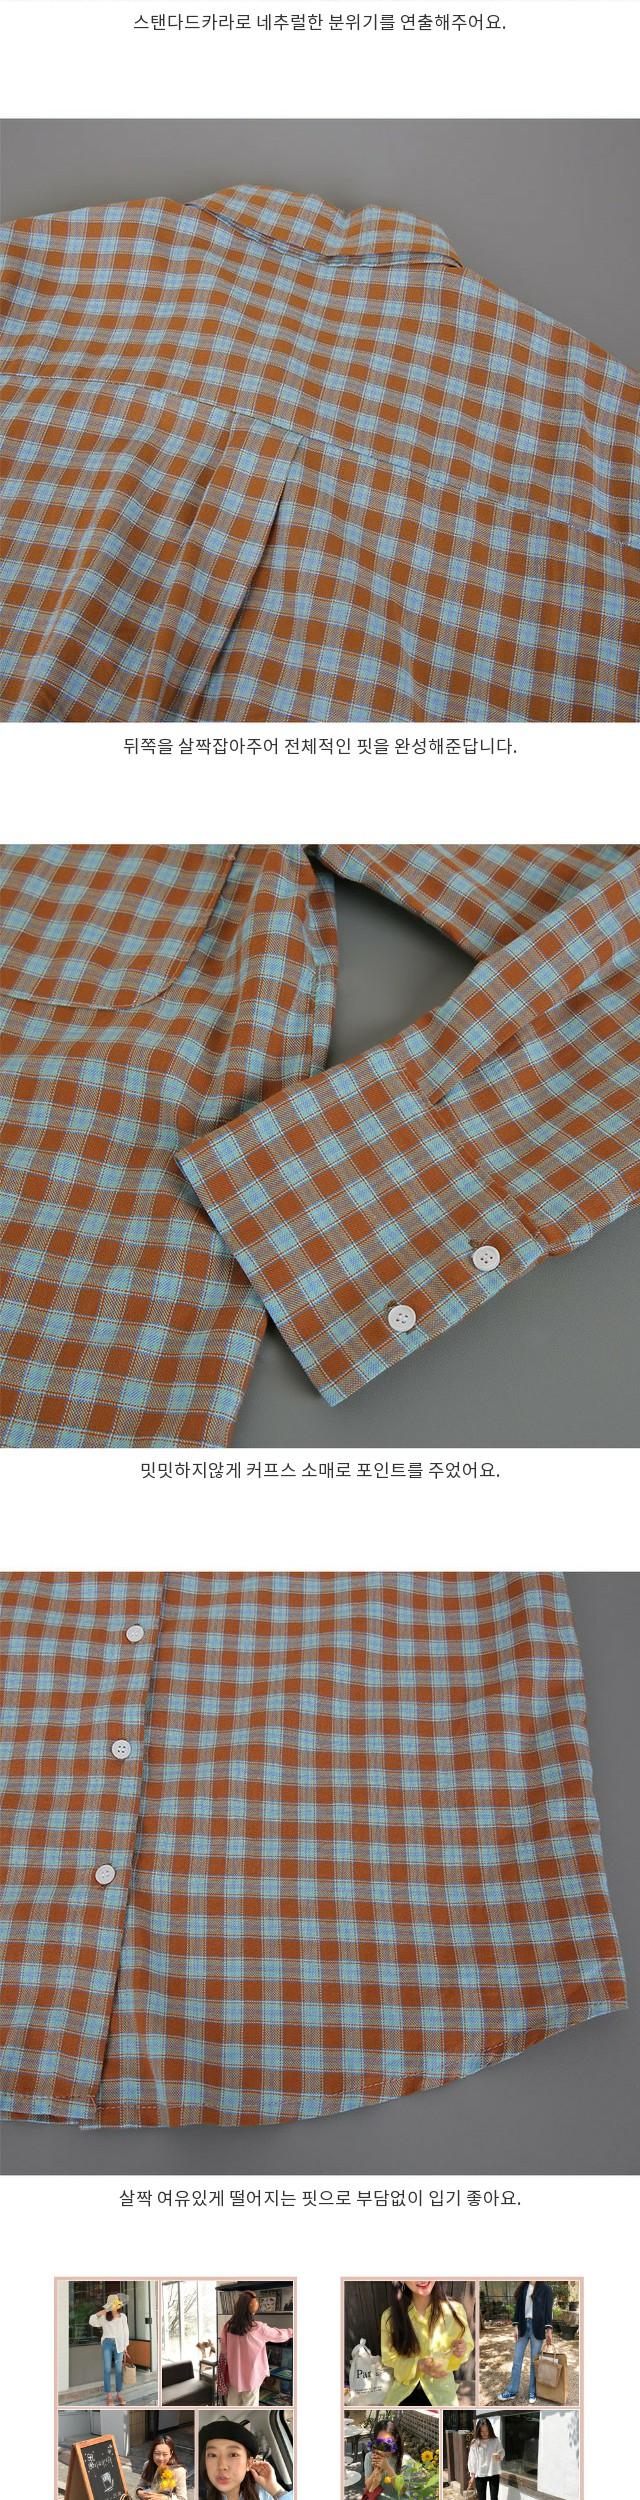 Ground- Check Shirt